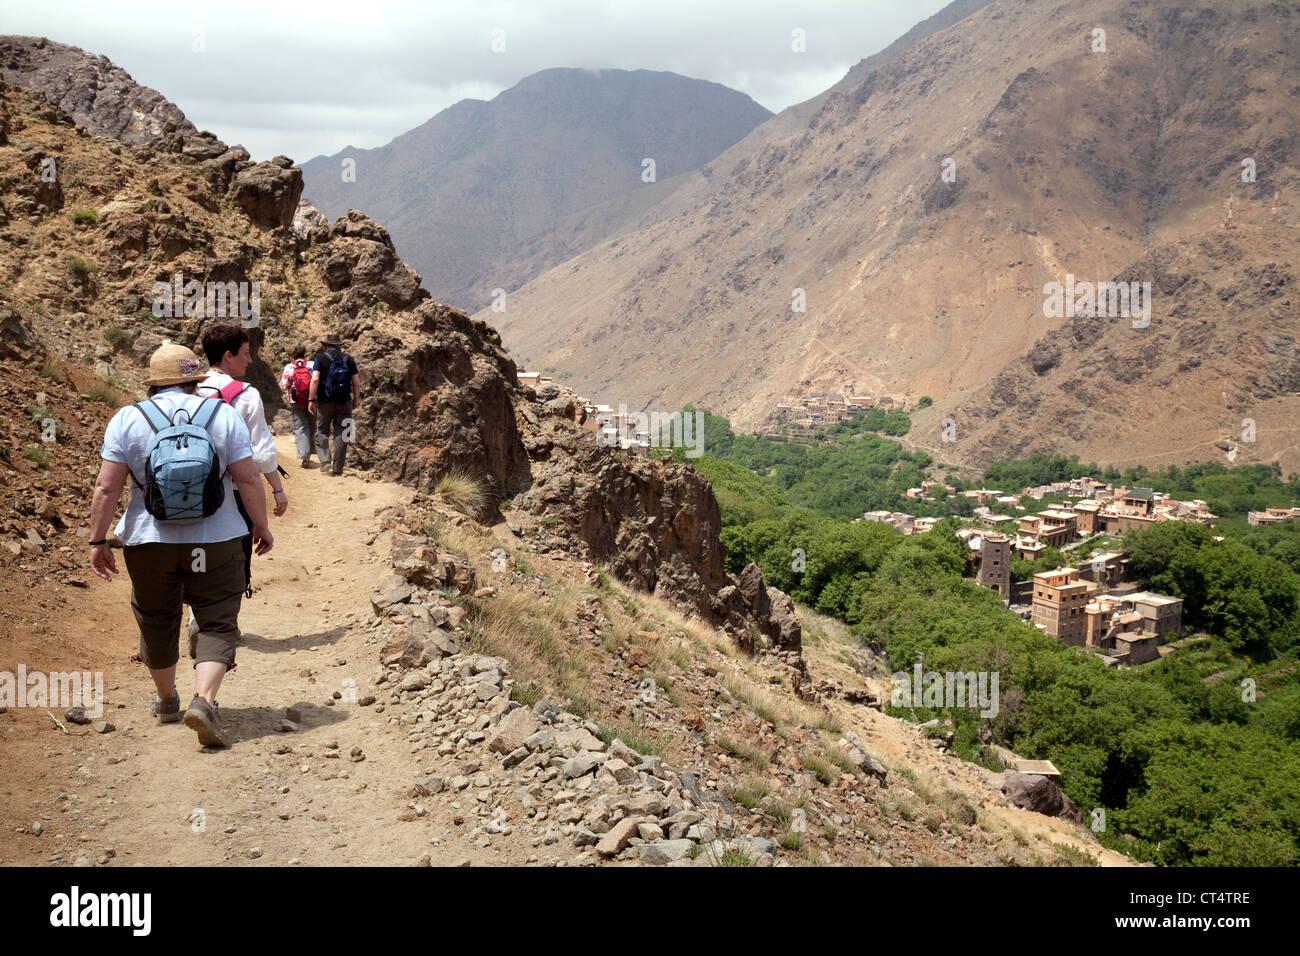 Voyages de groupe - marche dans les montagnes du Haut Atlas, Maroc Sud Photo Stock